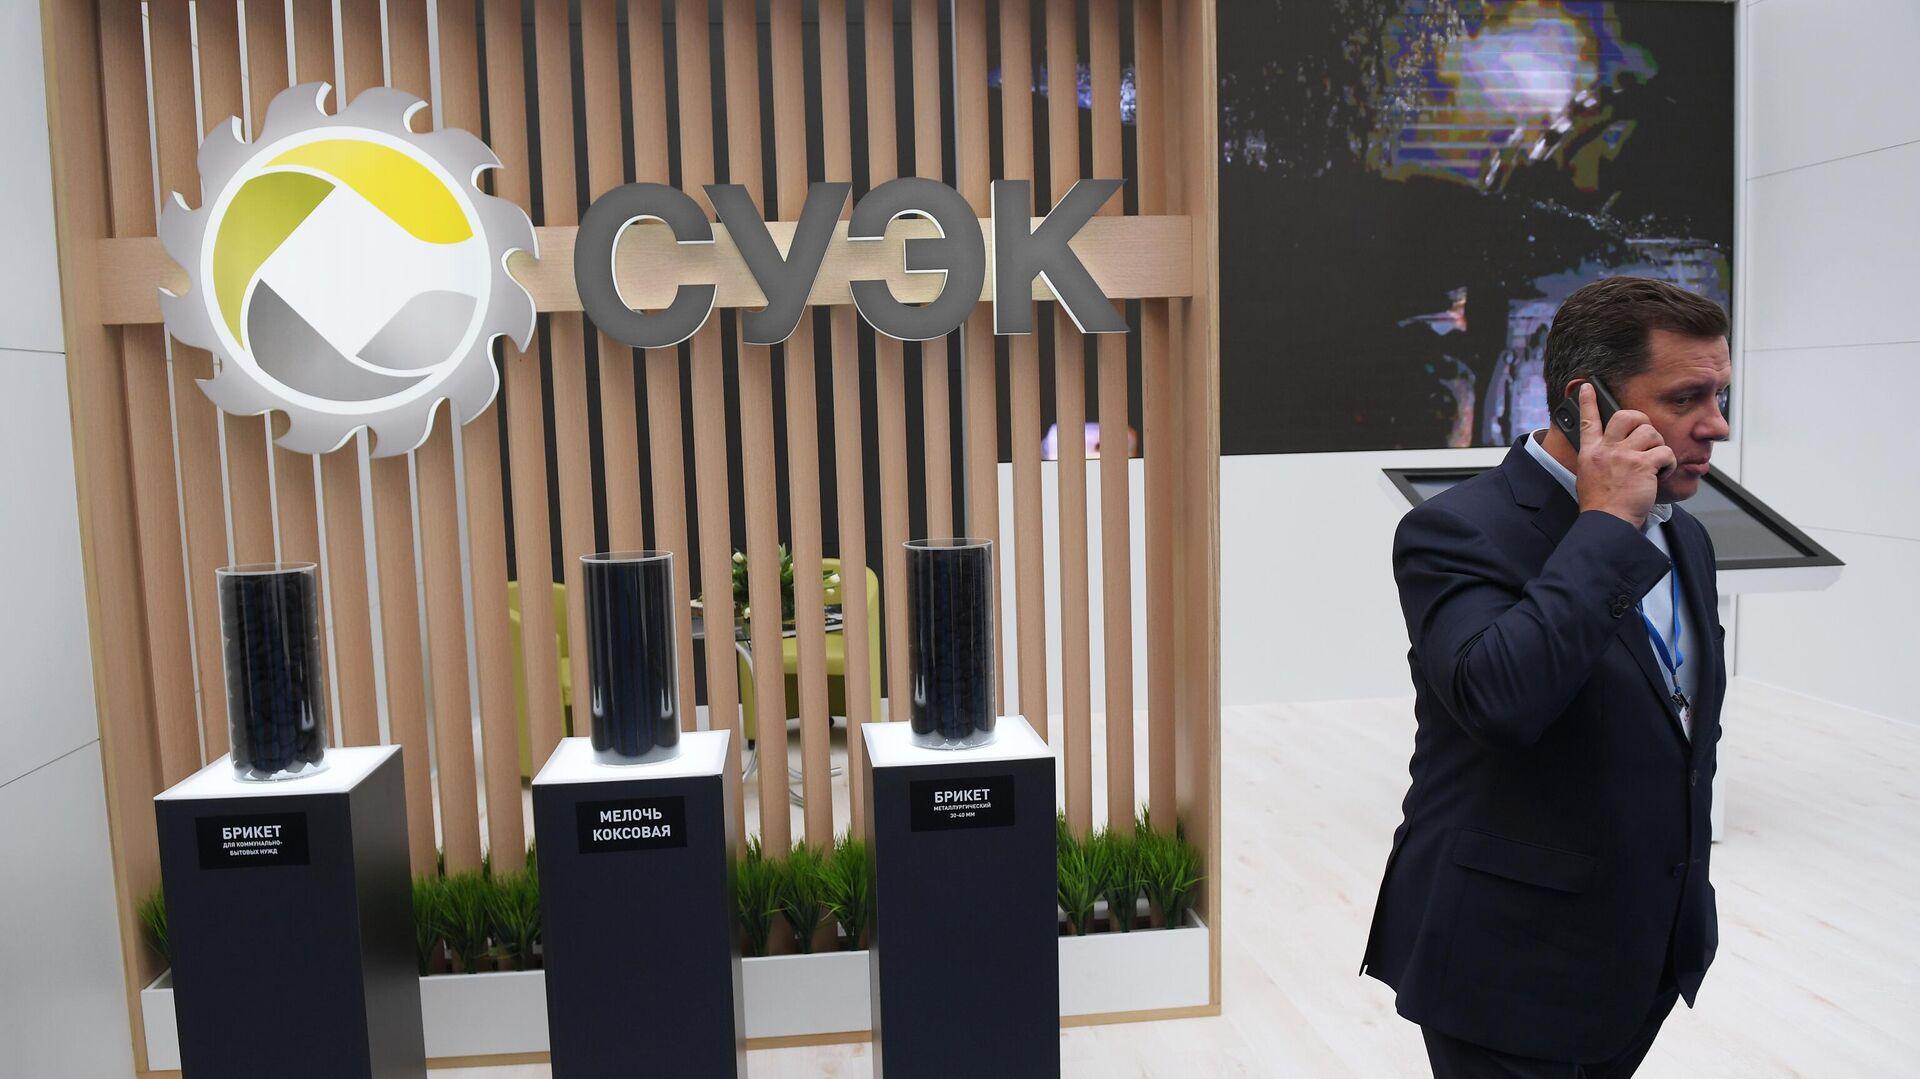 СУЭК признана лучшей социально ориентированной компанией в энергетике